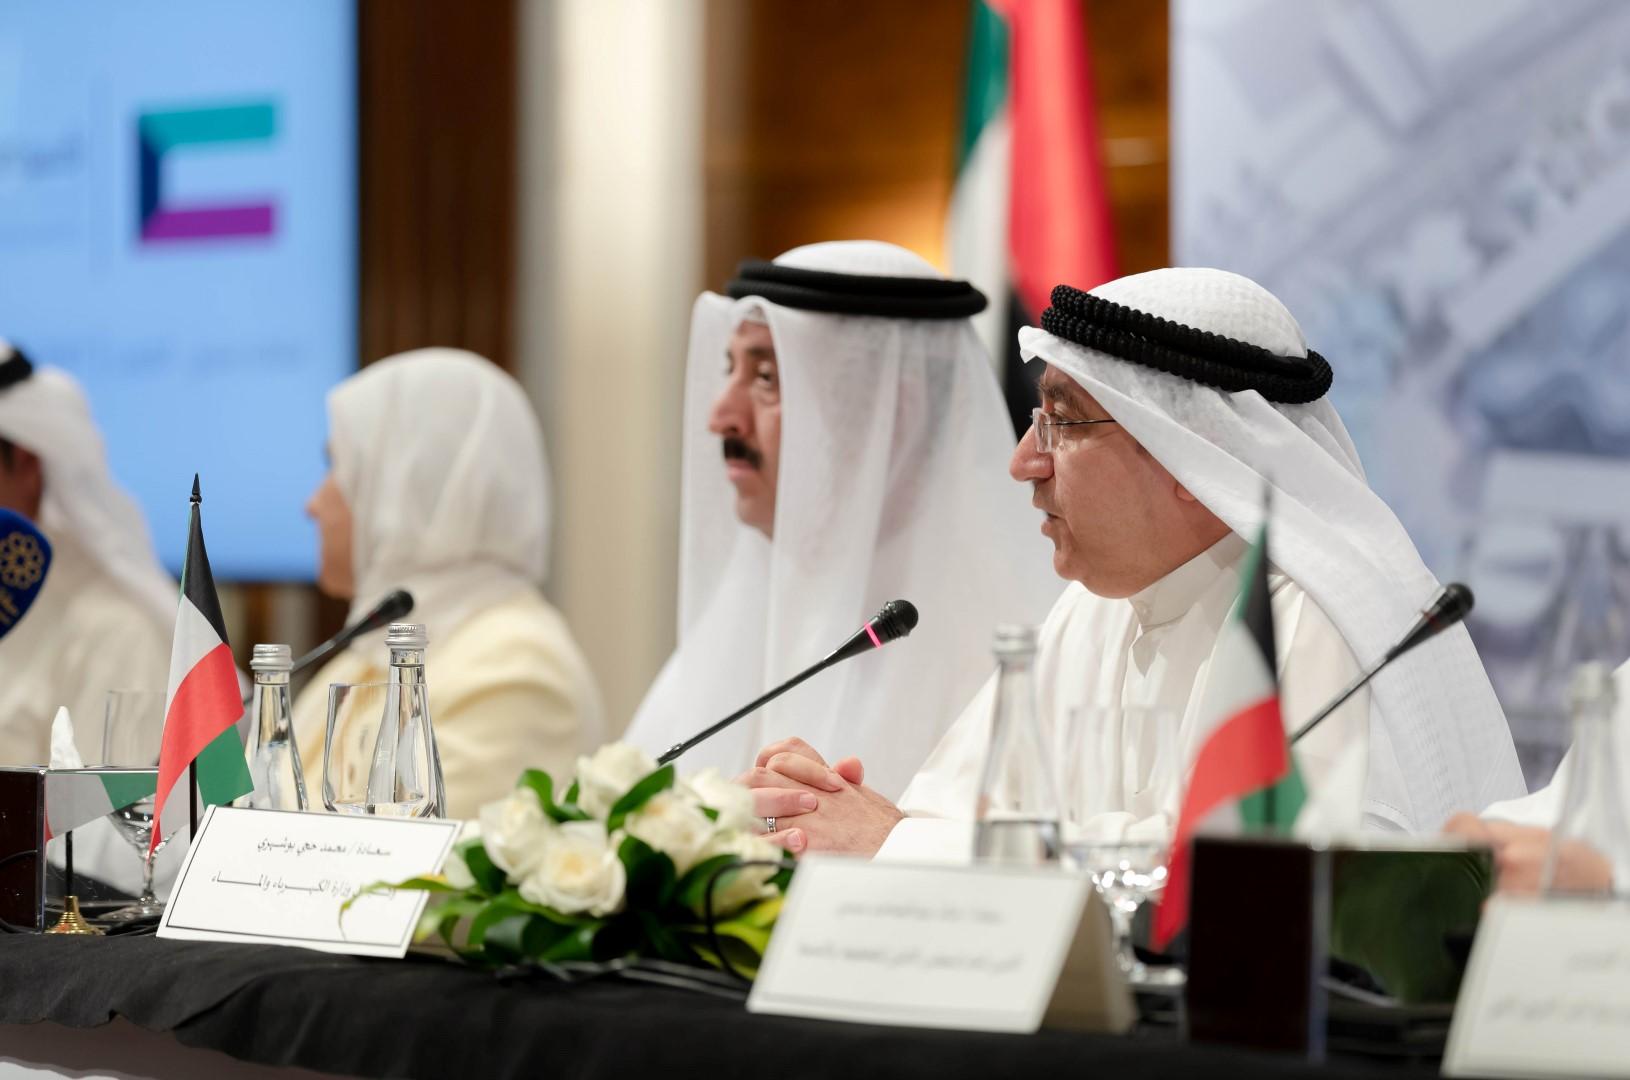 جناح الكويت في اكسبو 2020 يسرد حكاية الاستدامة و التنمية